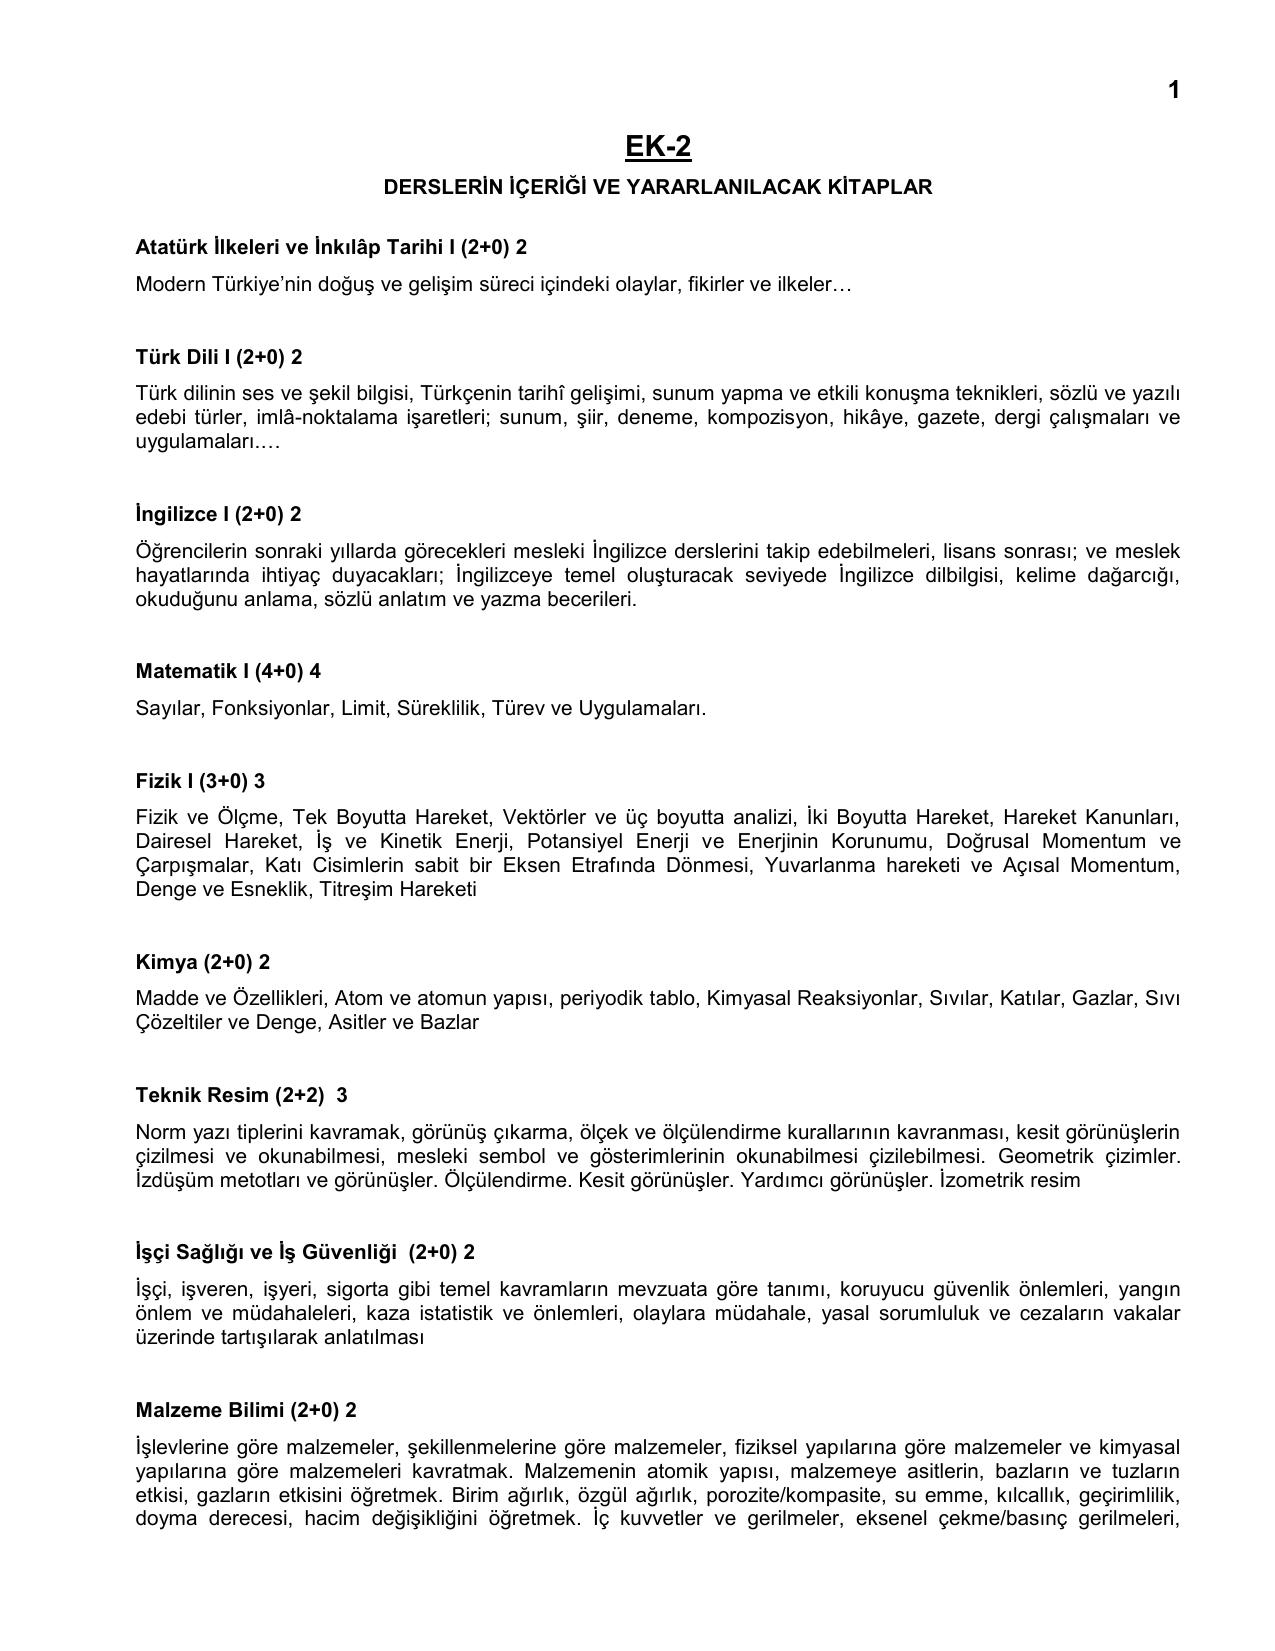 Tuzların kimyasal özellikleri ve hazırlanma yöntemleri